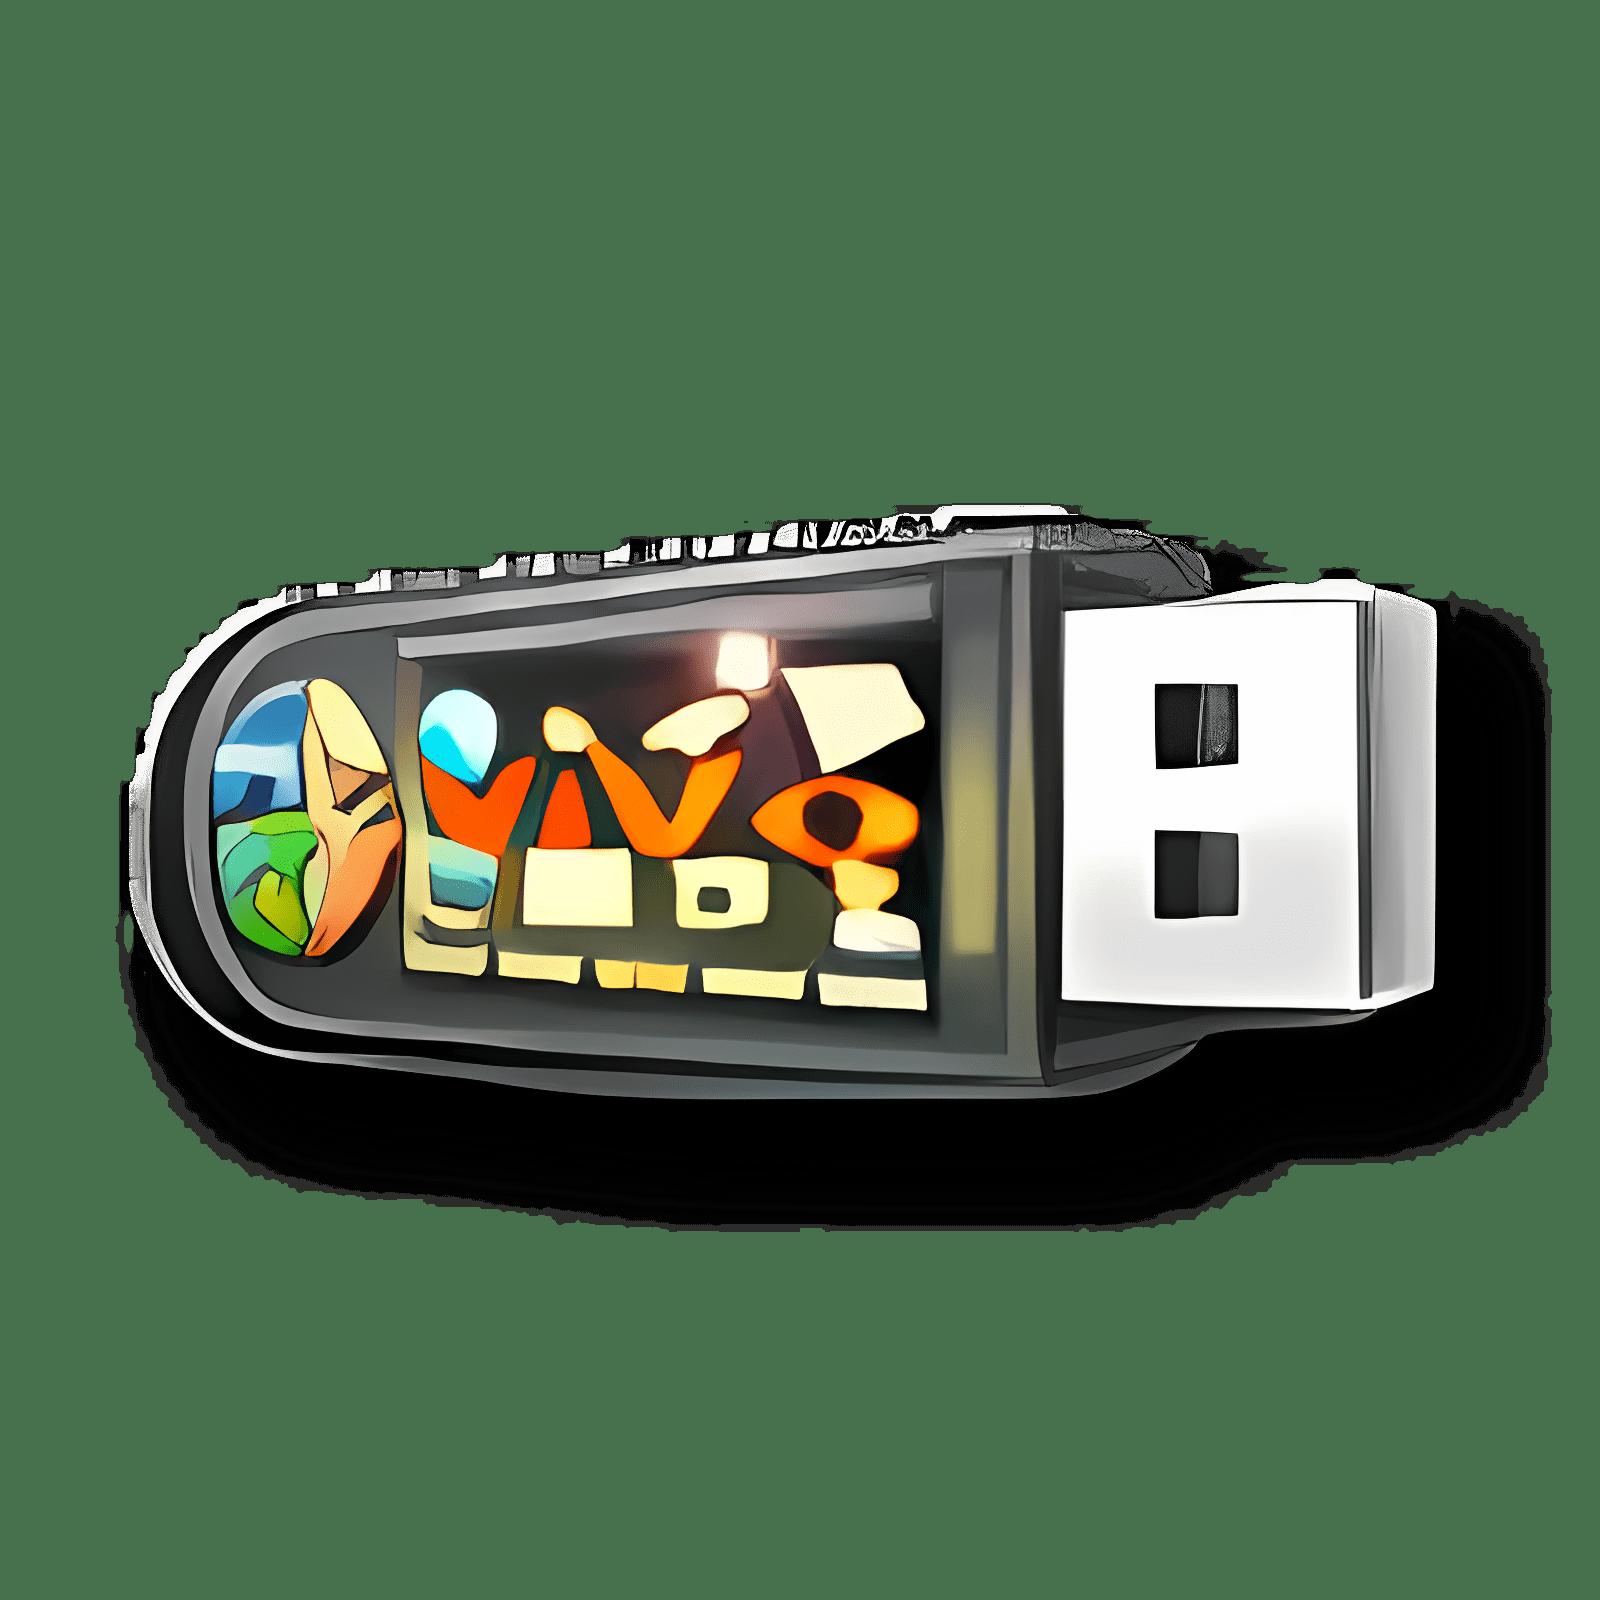 ViVo Portable